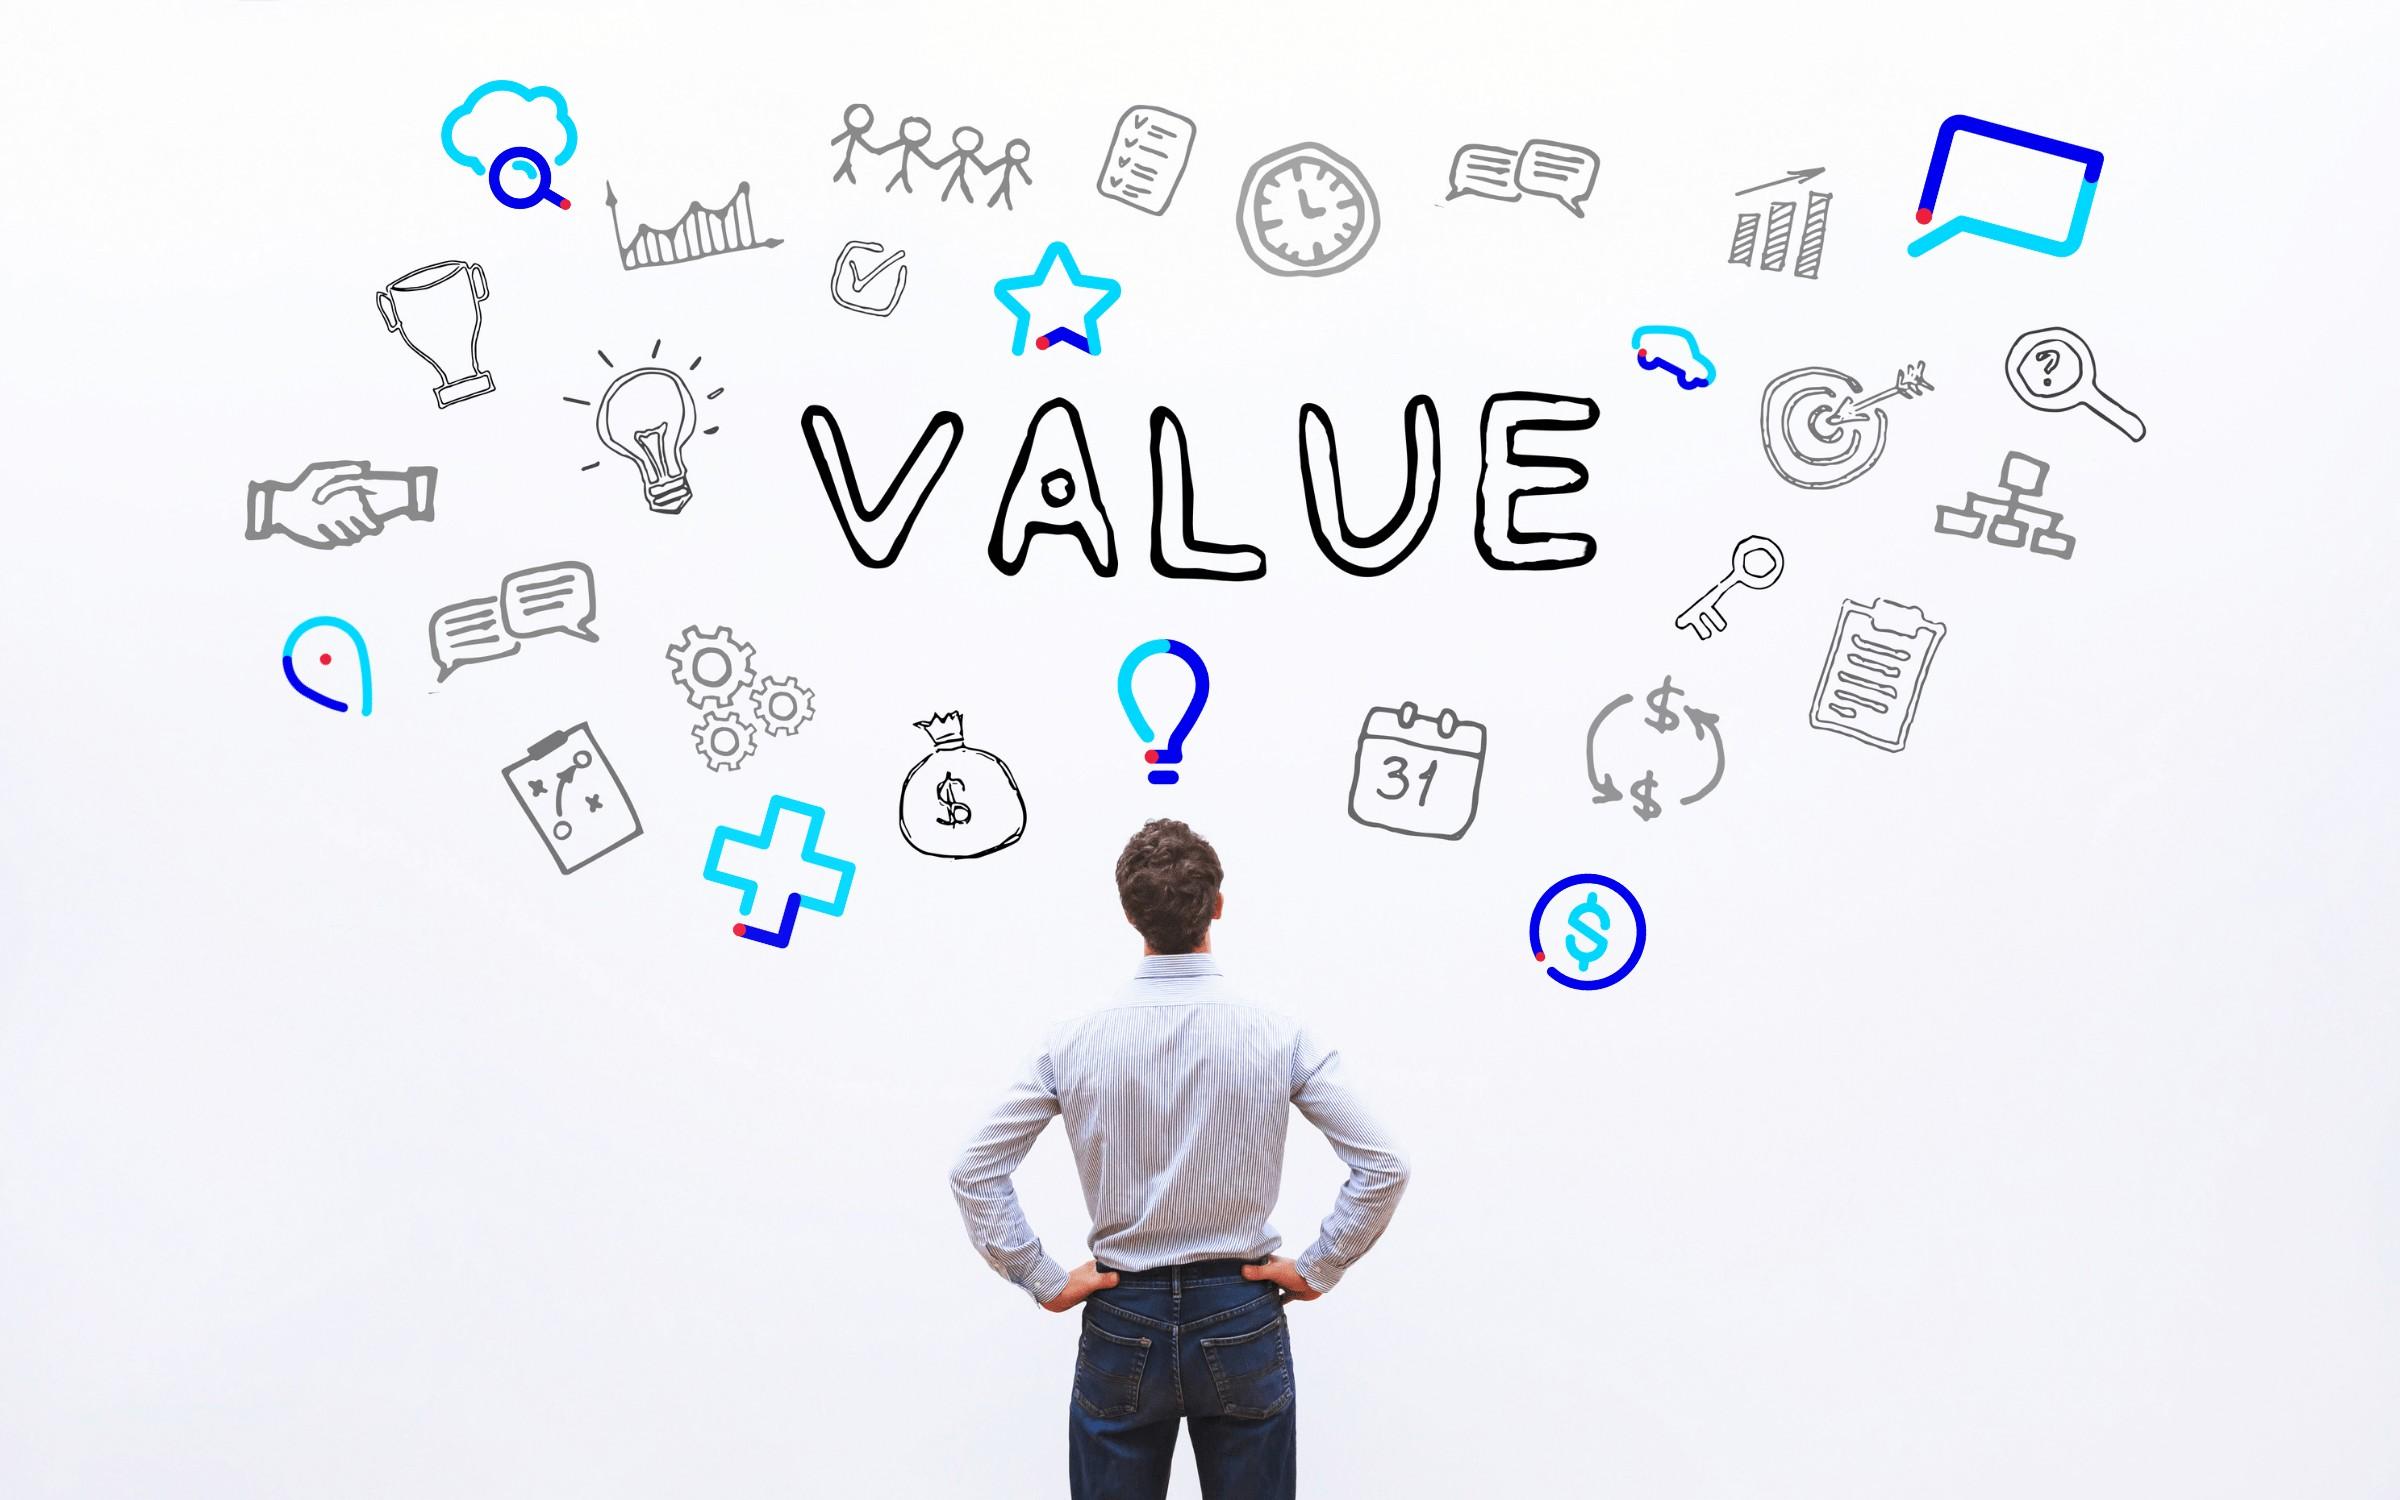 اضافه کردن ارزش به محصول یا خدمت